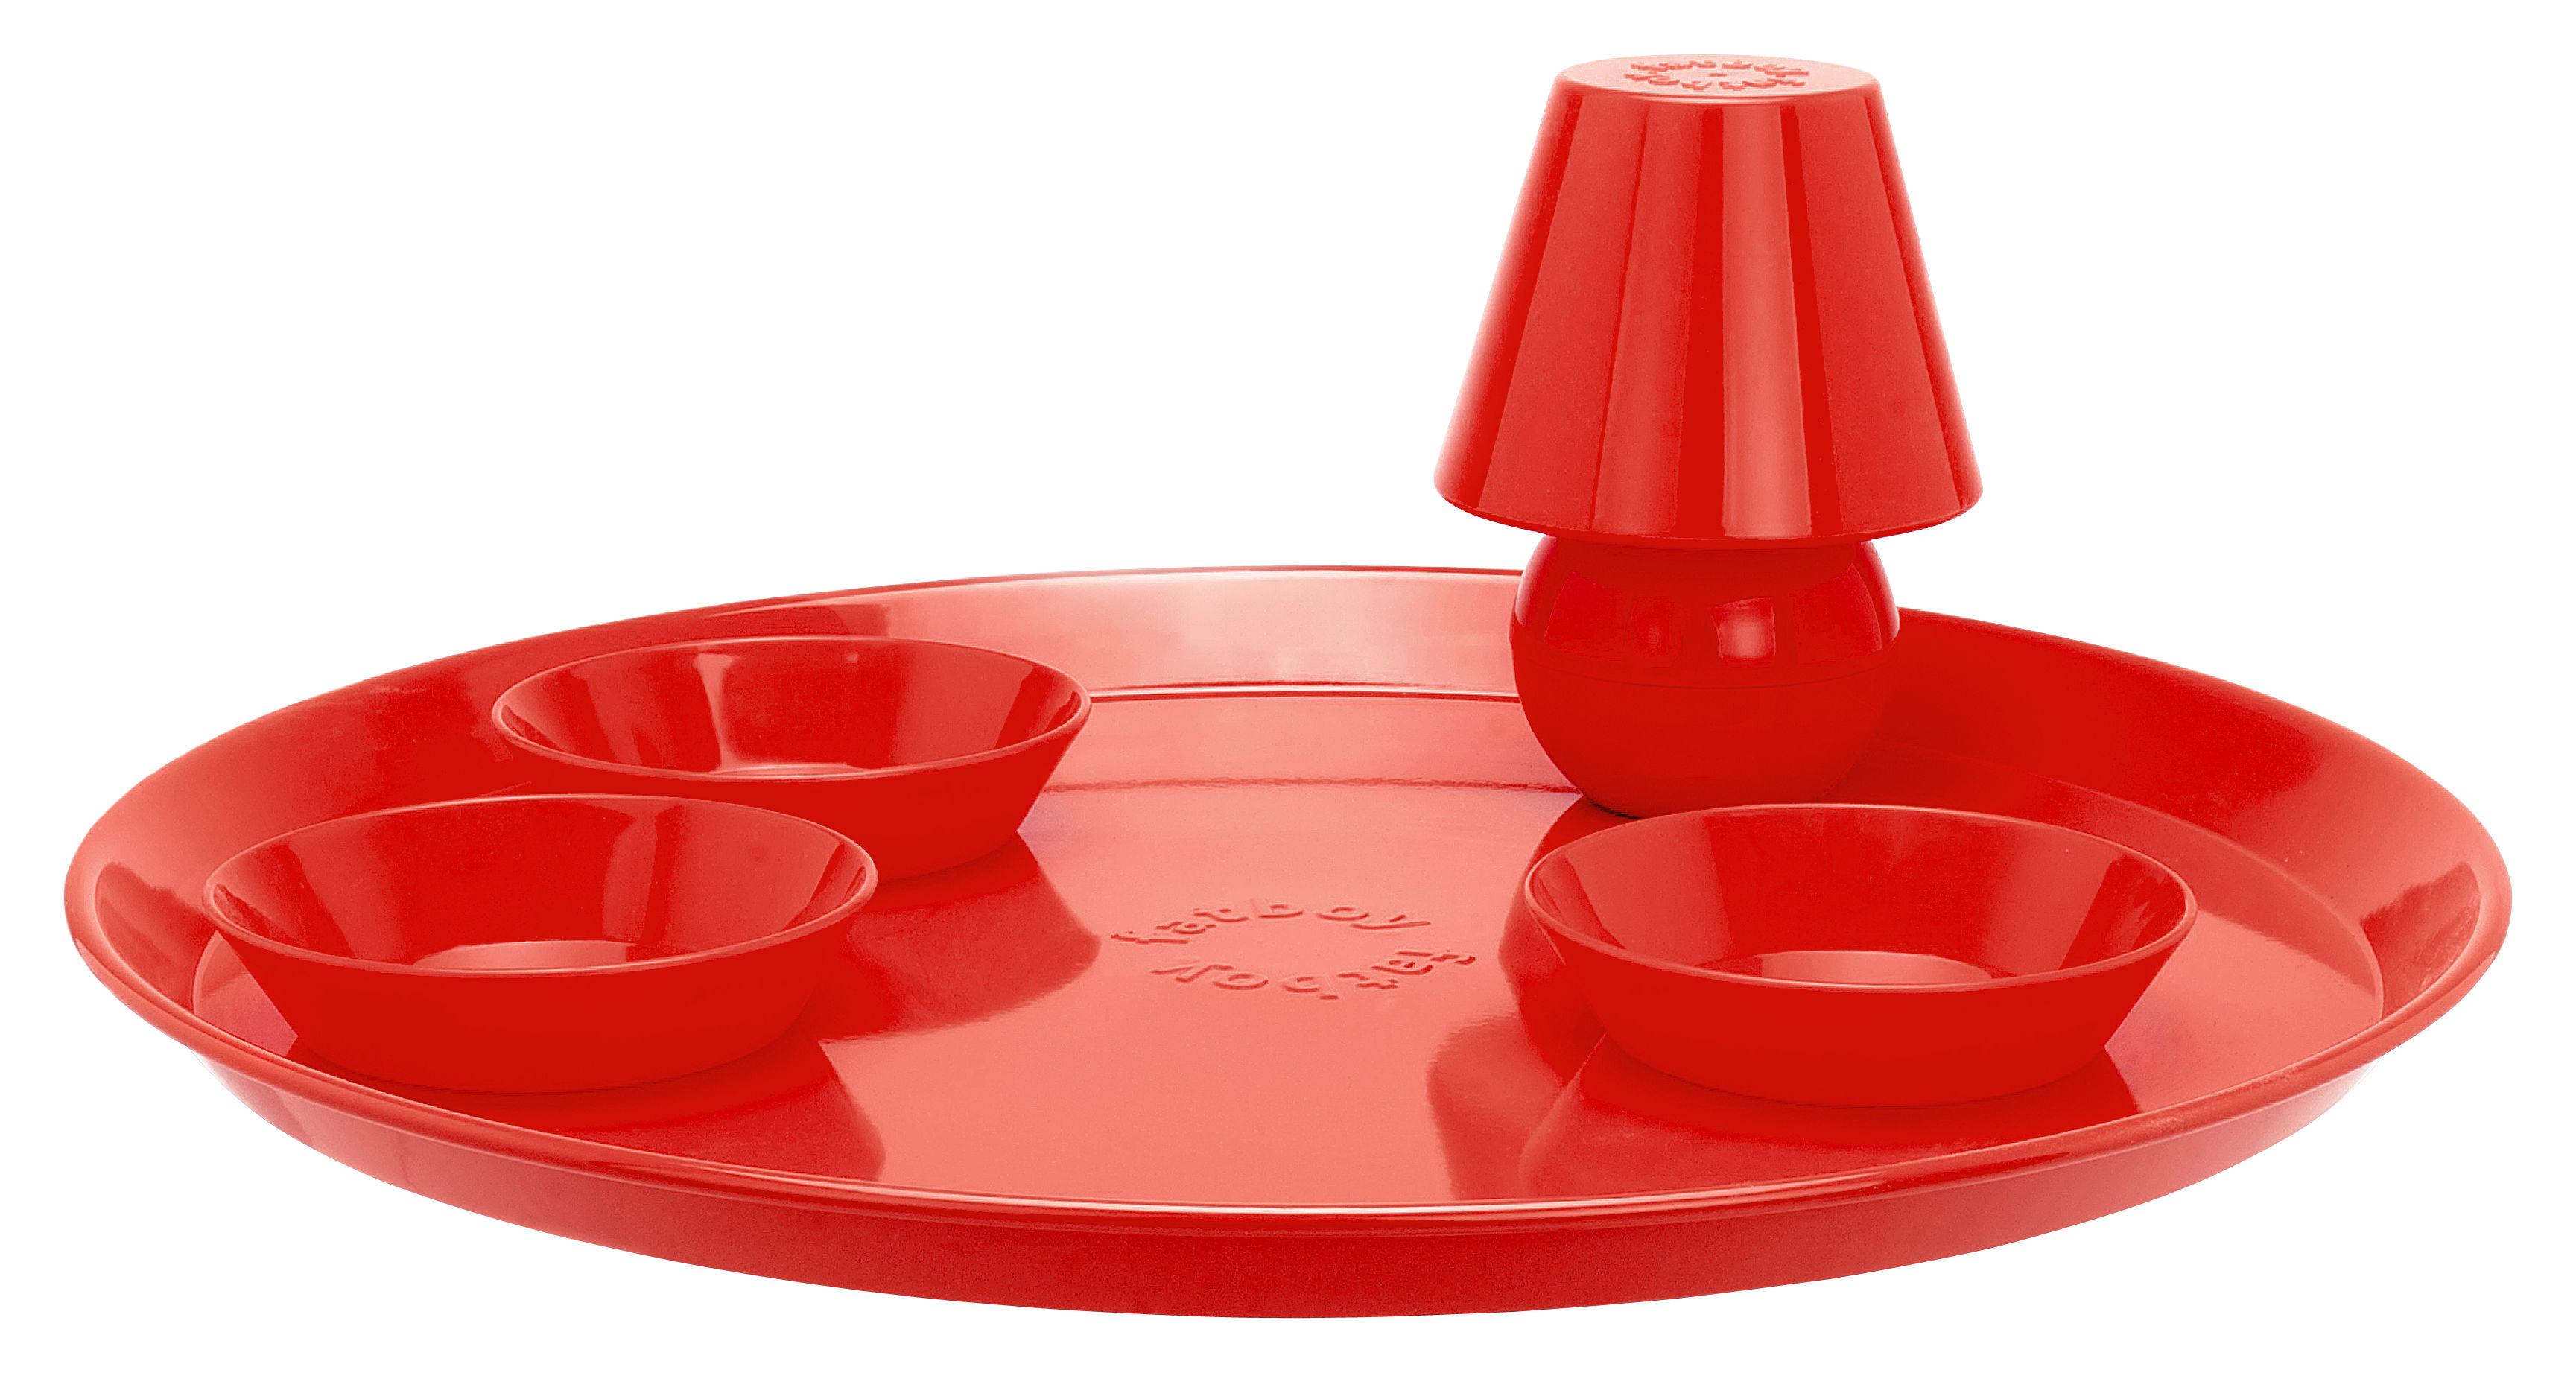 Arts de la table - Plateaux - Plateau Snacklight Ø 55 cm / Avec lampe LED aimantée + 3 coupelles - Fatboy - Rouge - Métal laqué